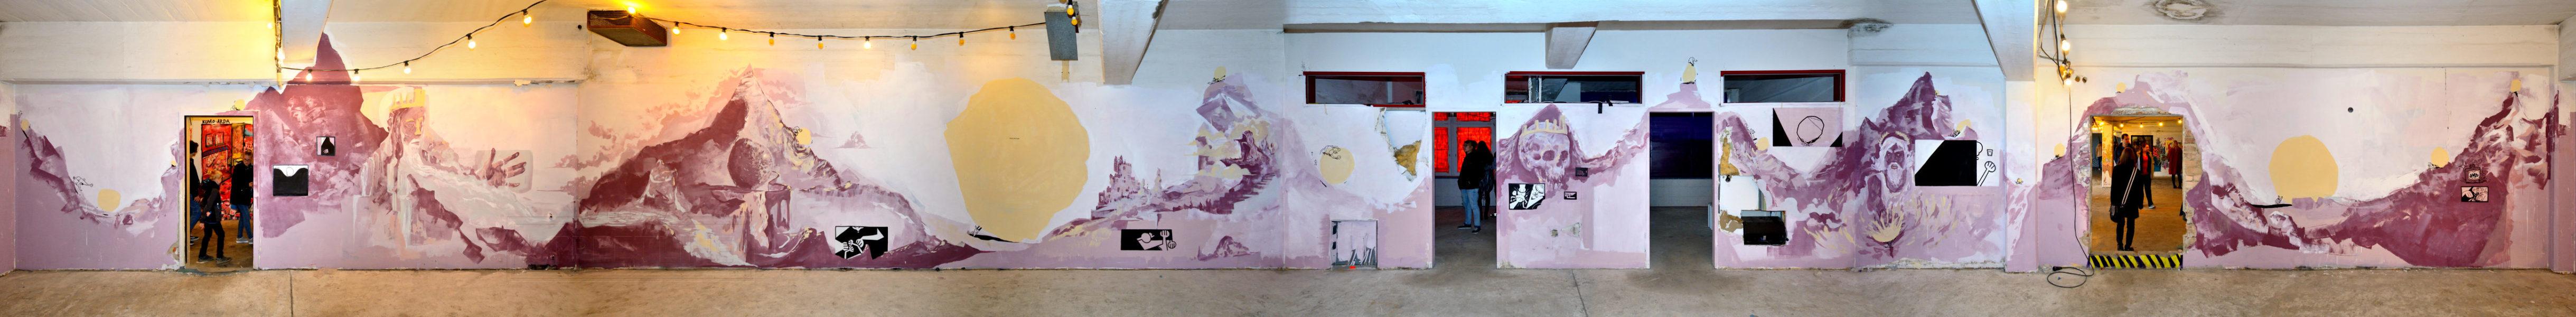 Chemnitz | IBUG 2018 | Sisyphos Raum